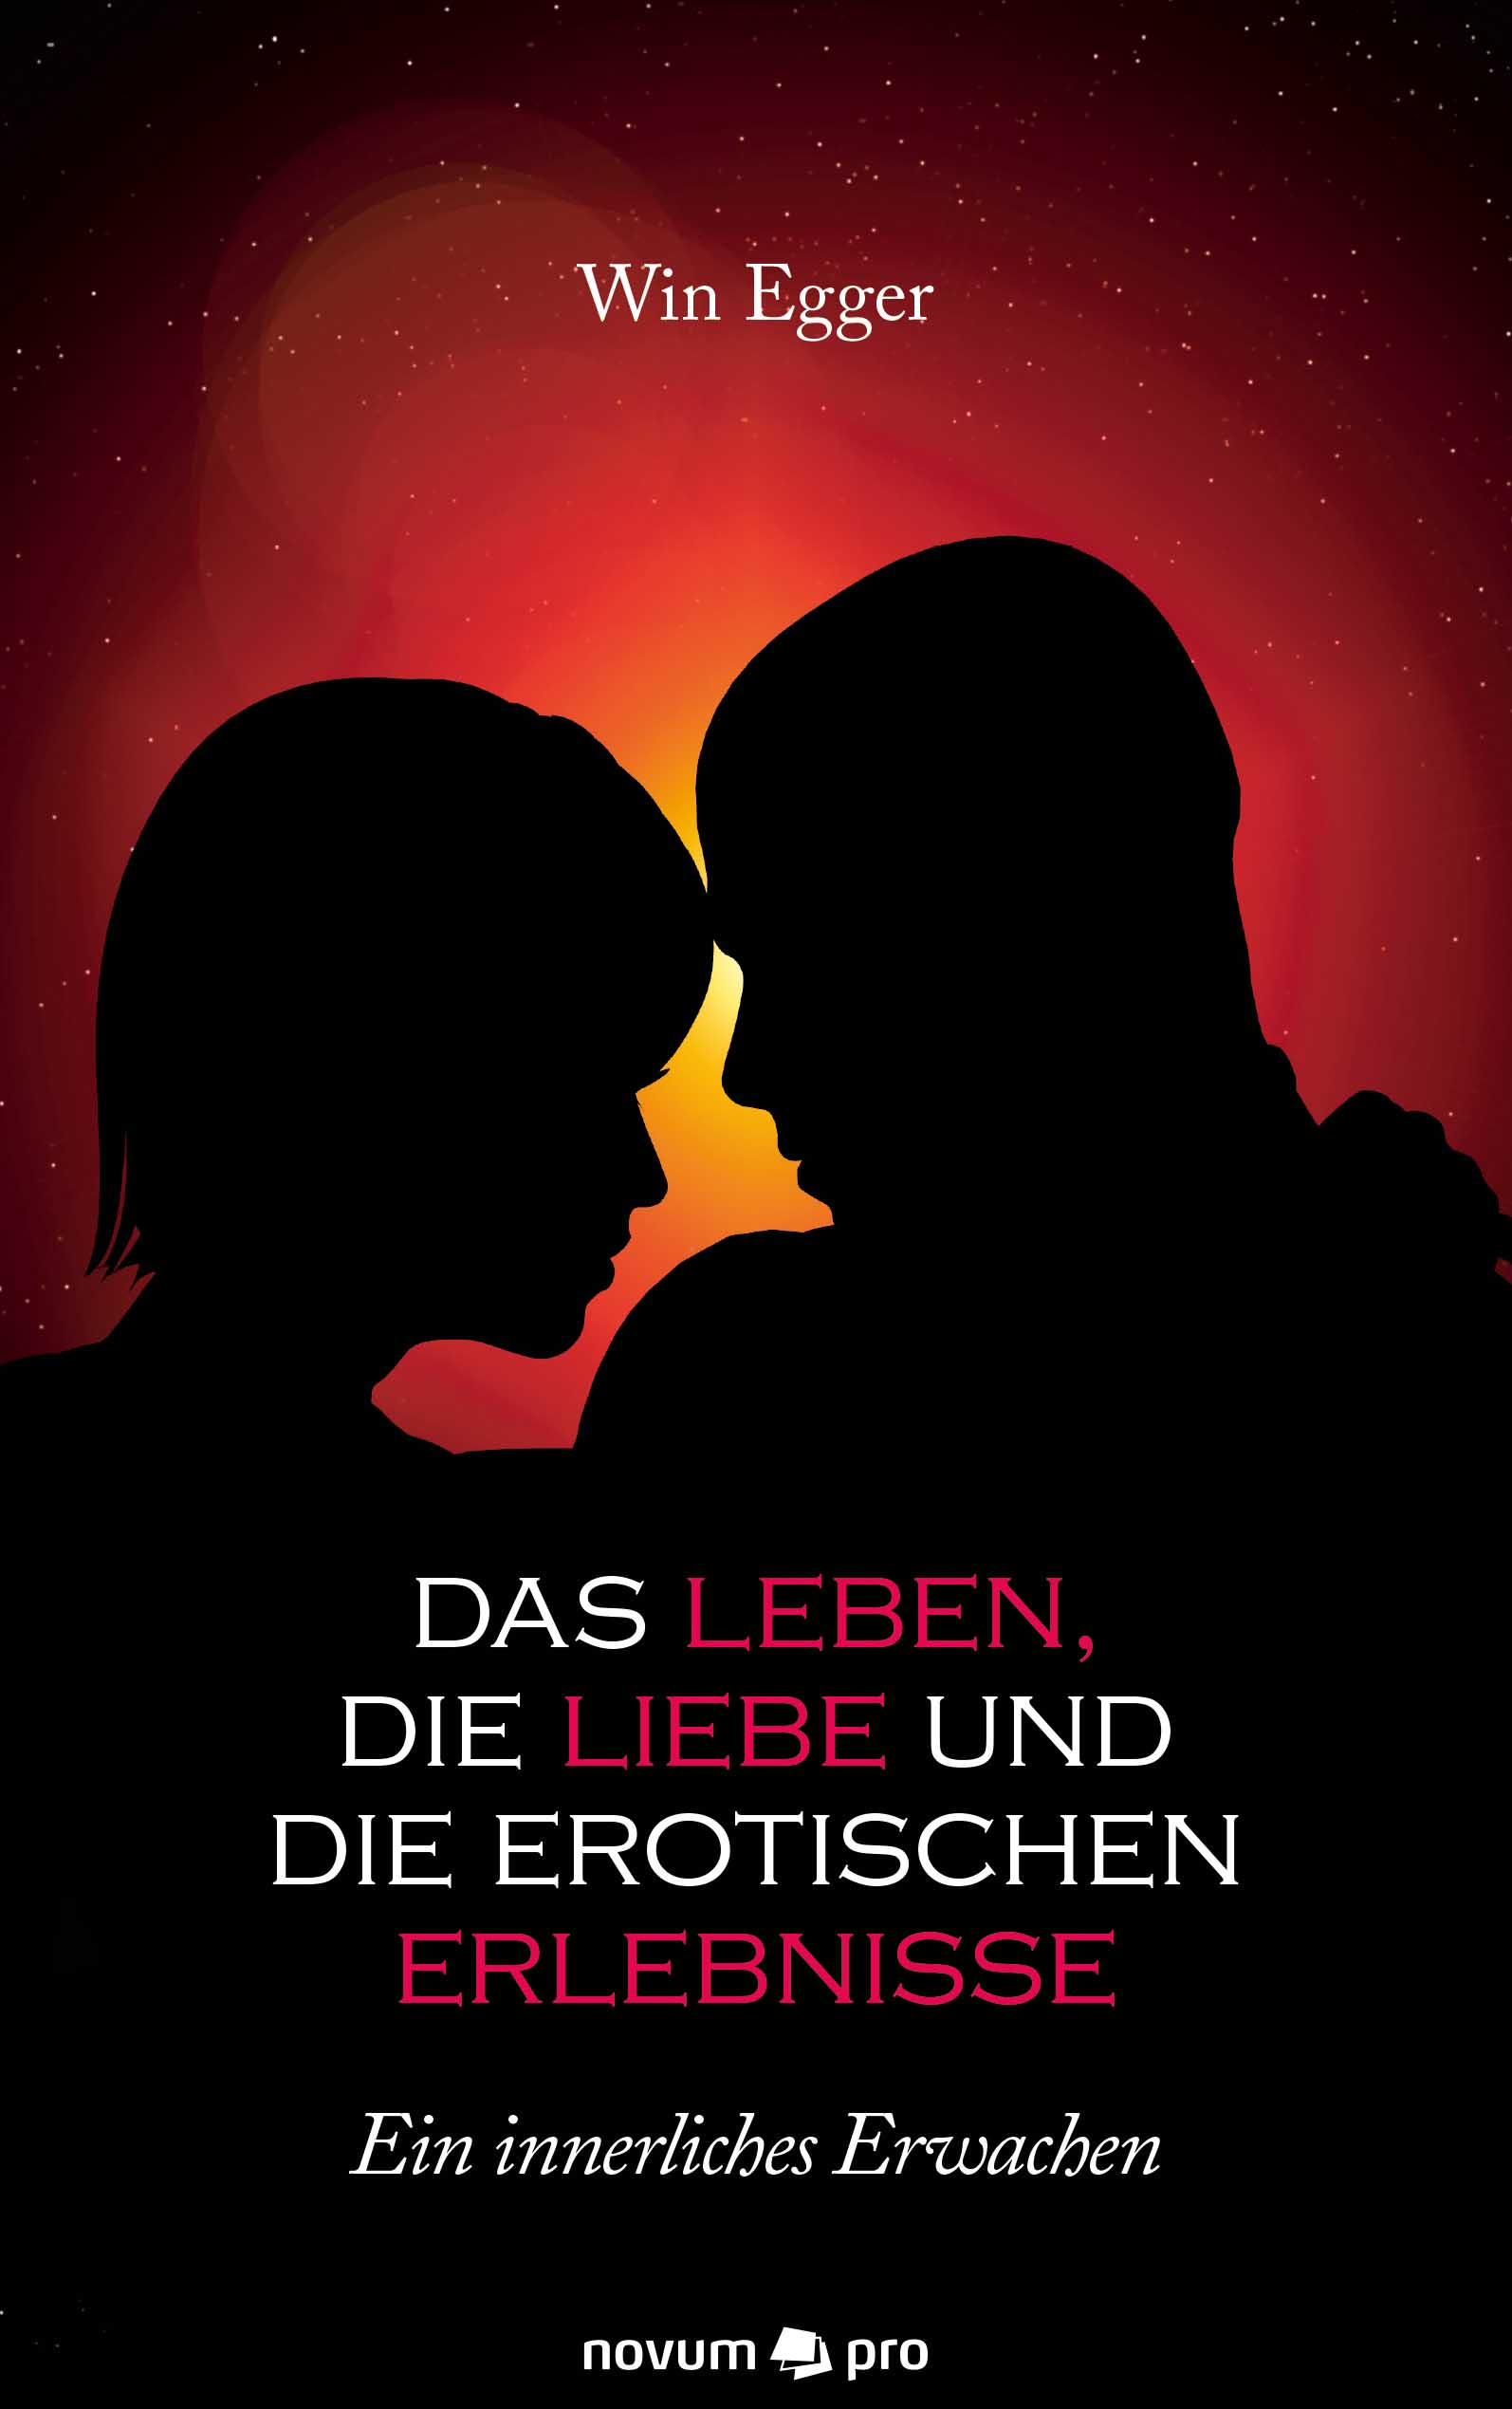 Win Egger Das Leben, die Liebe und die erotischen Erlebnisse maike krüger die liebe spricht